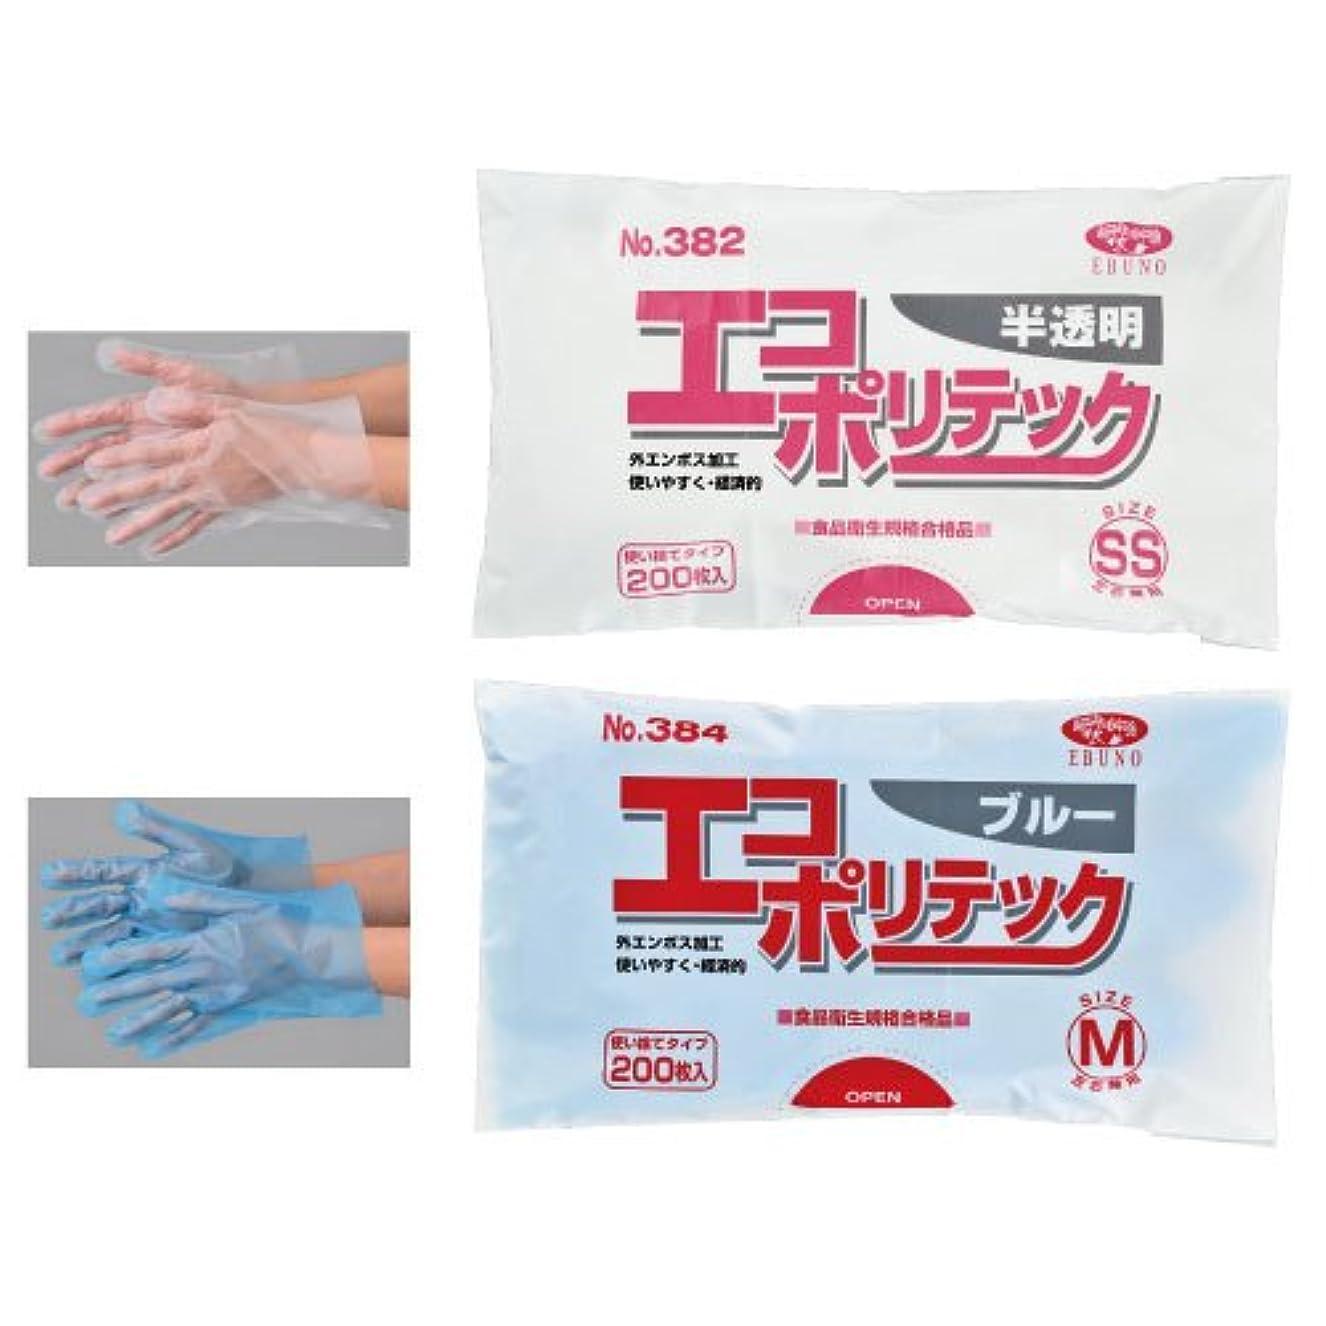 助言するランドマーク批判的にエブノ ポリエチレン手袋 No.382 SS 半透明 (200枚×30袋) エコポリテック 袋入